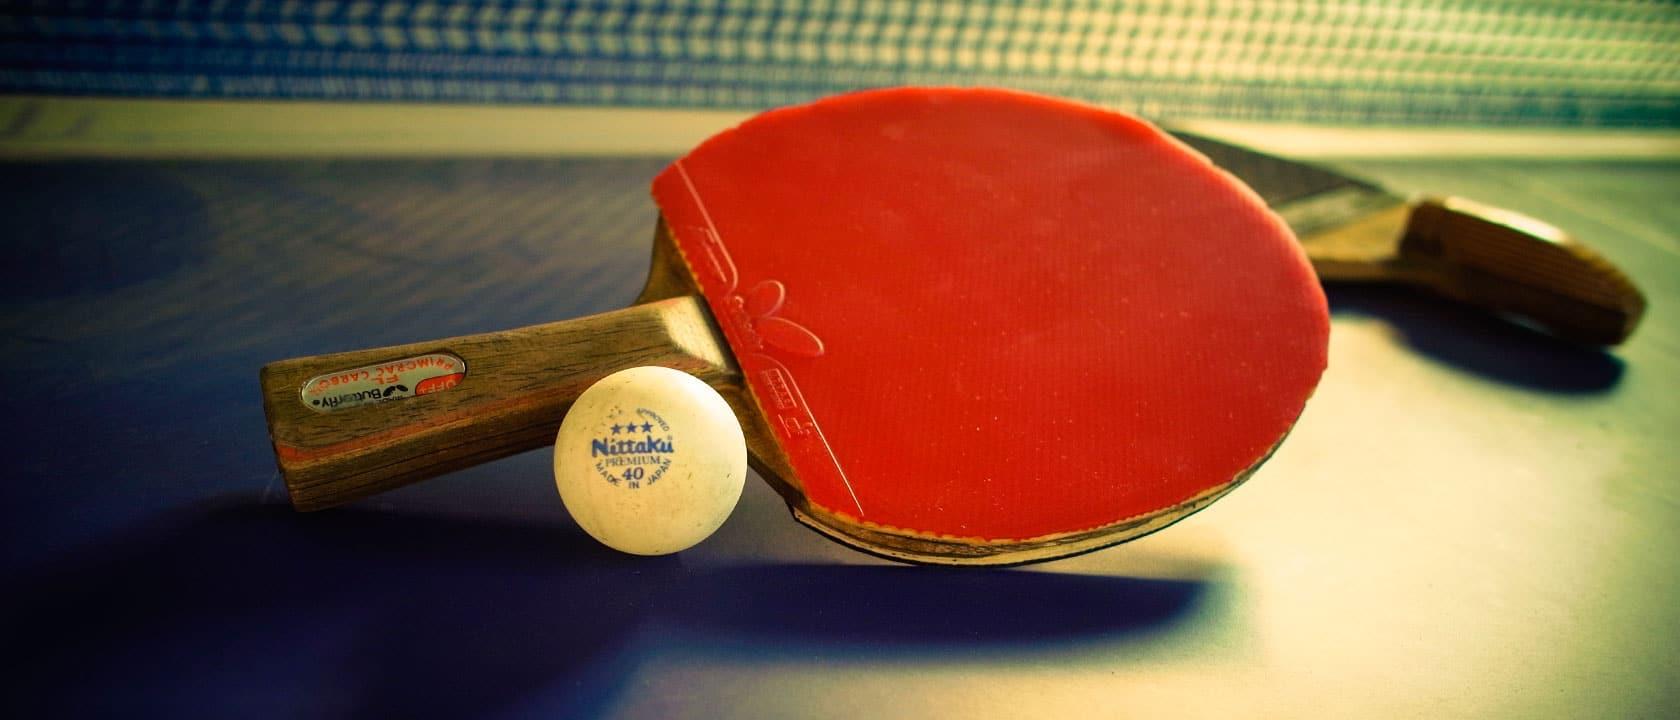 medidas-del-tenis-de-mesa-4